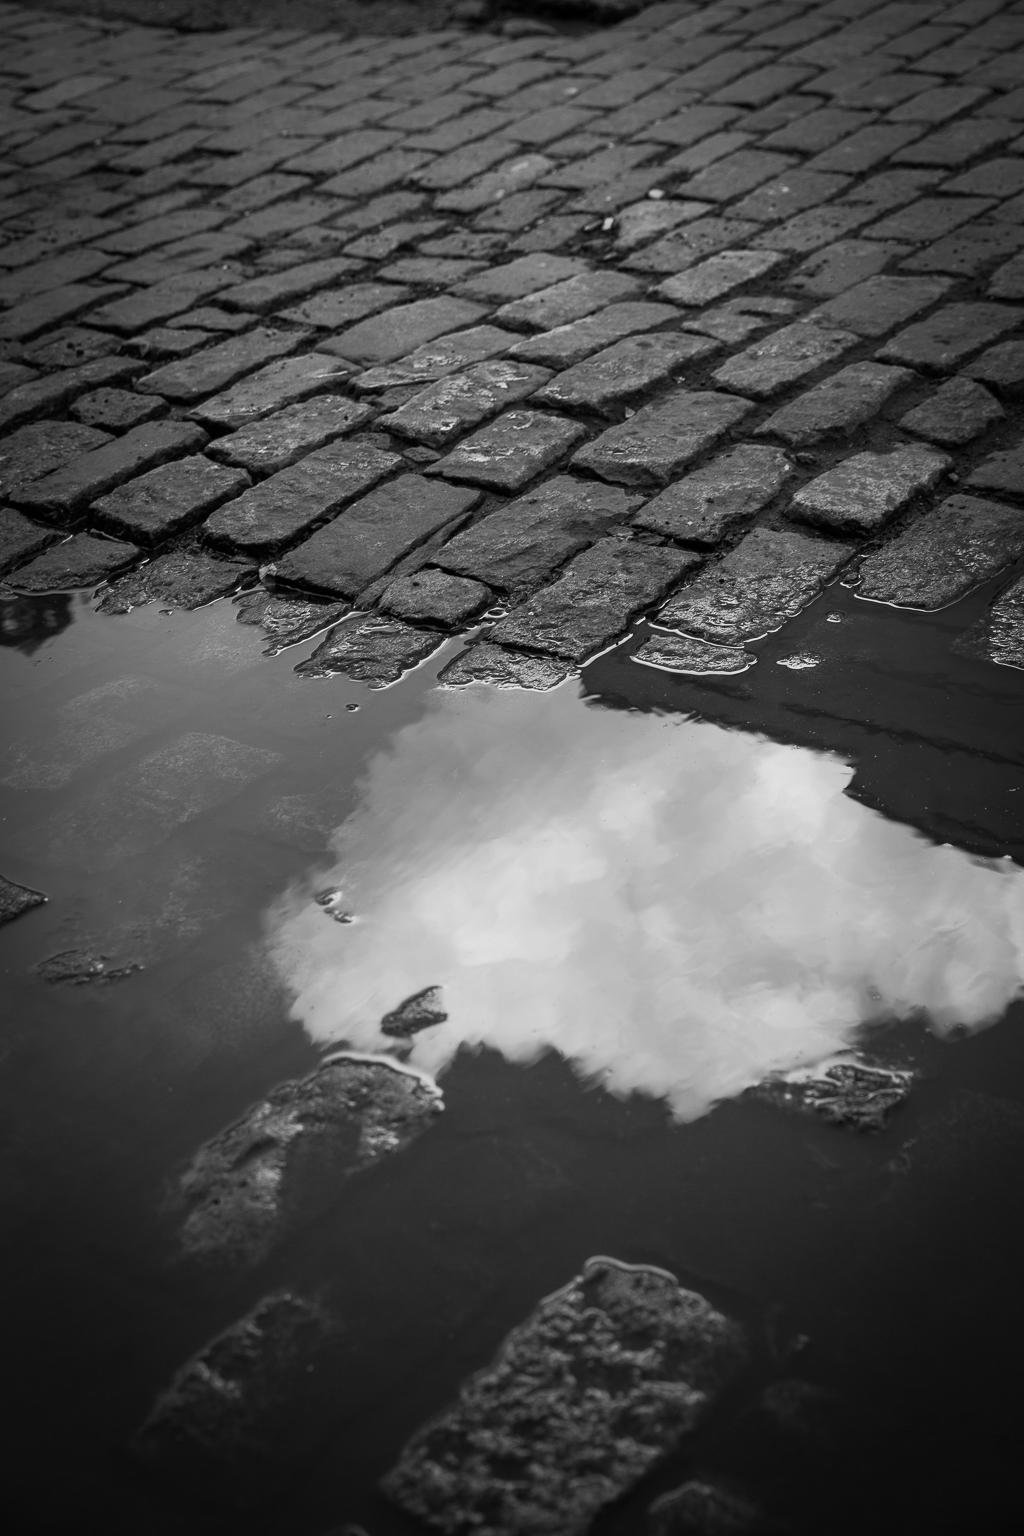 cobble_stoned_street.jpg